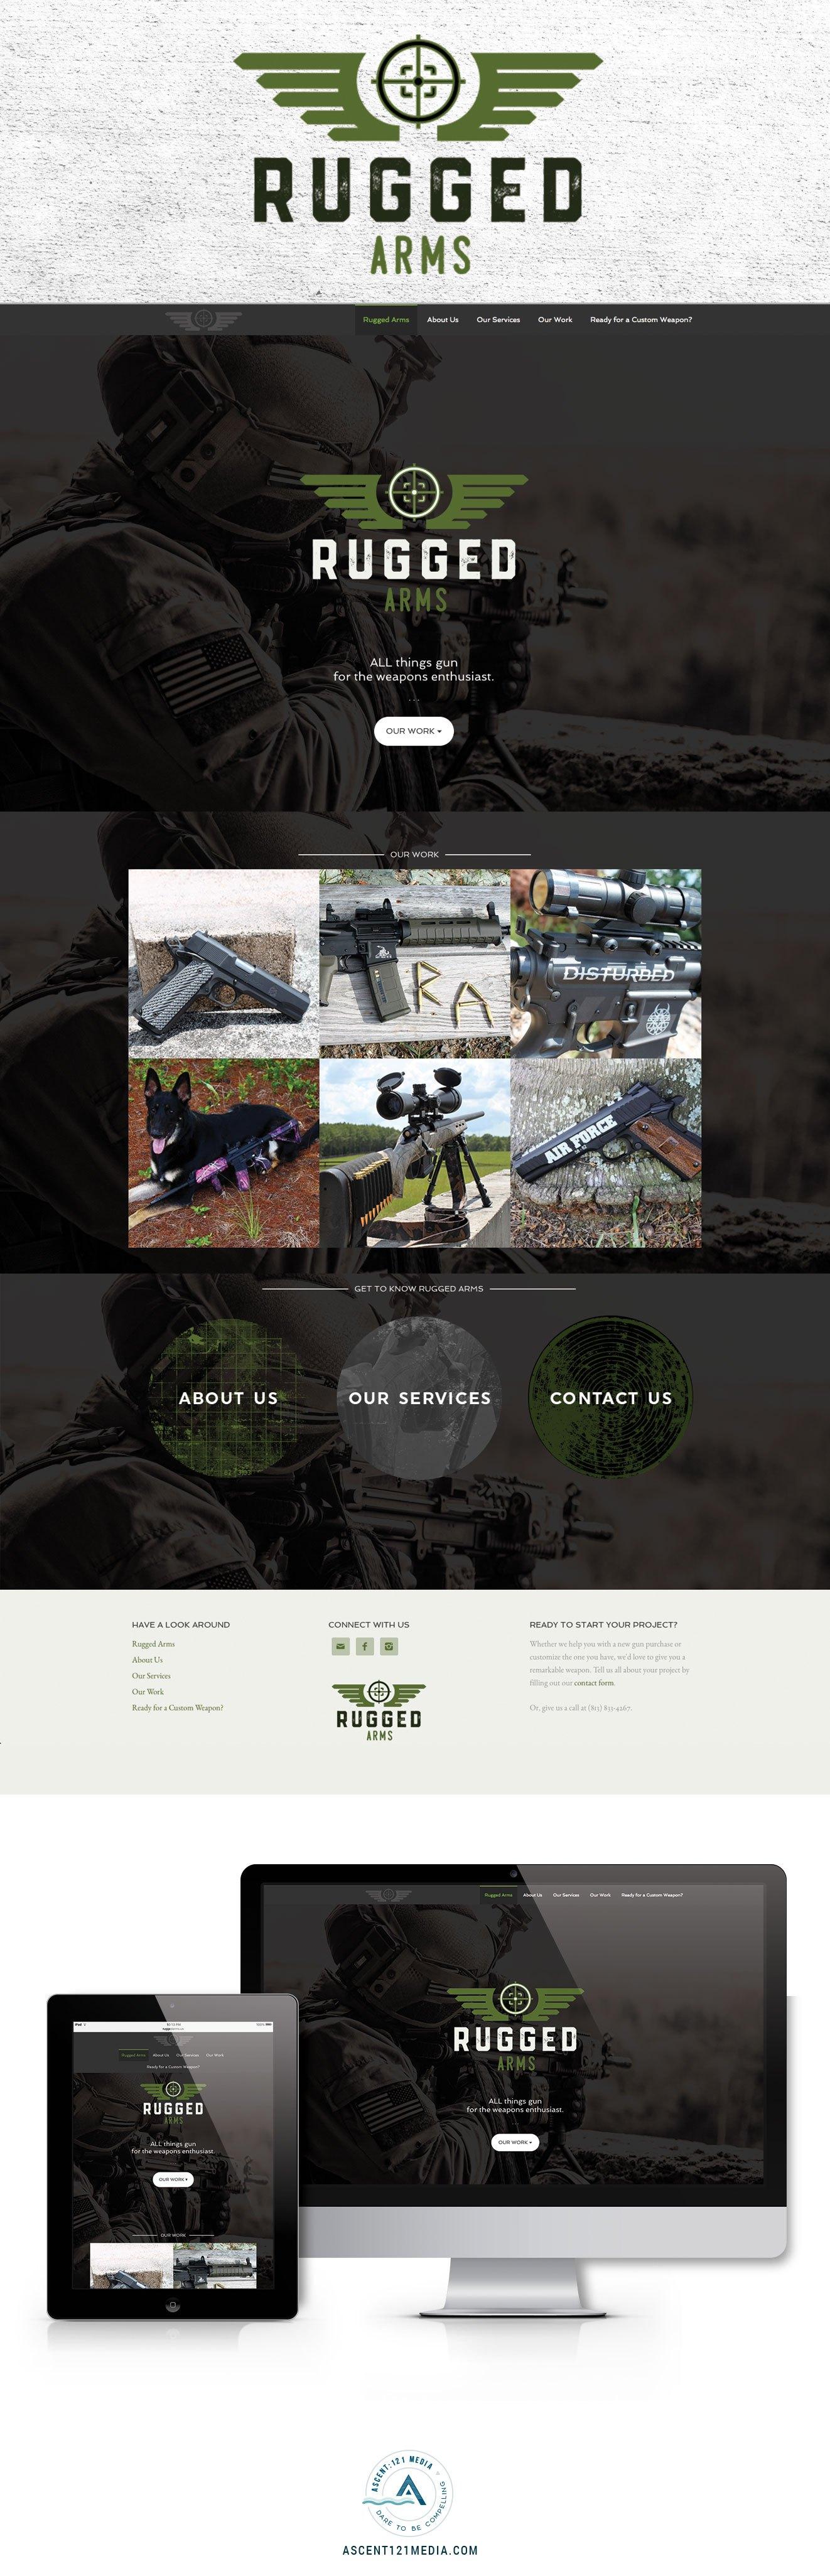 Rugged Arms Is Live Ascent 121 Media Web Layout Design Web Design Web Design Inspiration